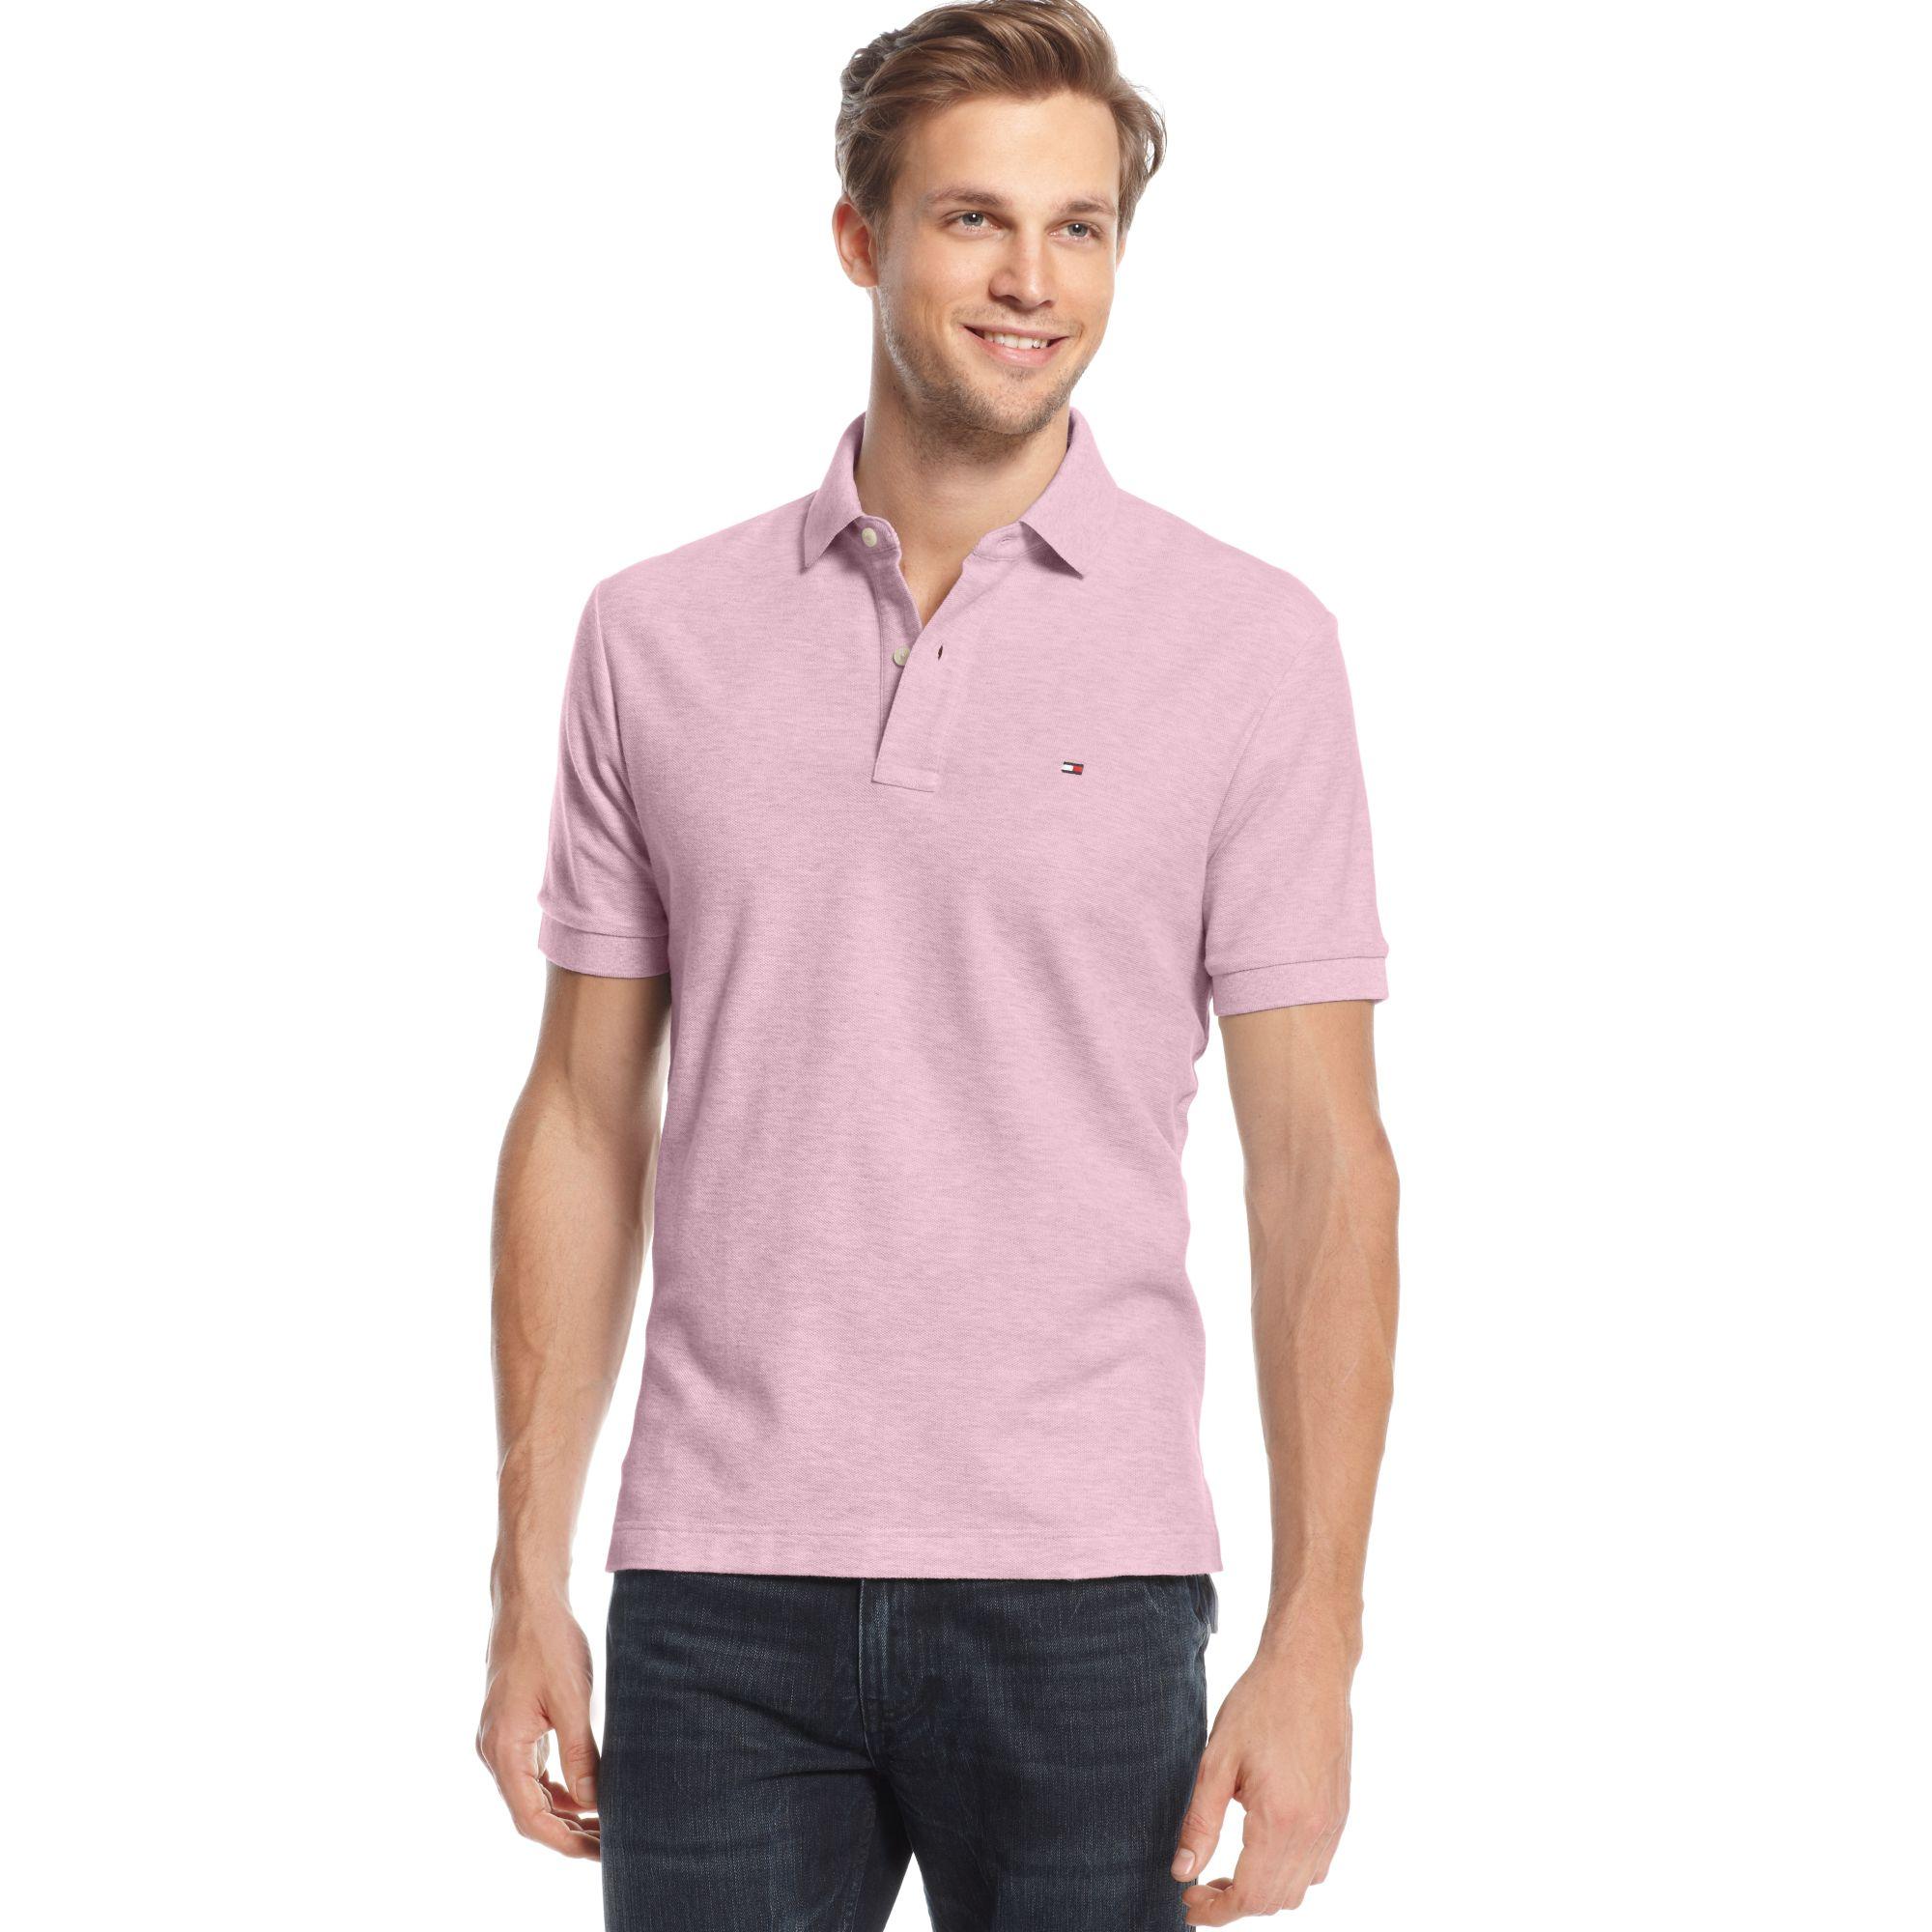 tommy hilfiger ivy short sleeve polo shirt in pink for men. Black Bedroom Furniture Sets. Home Design Ideas